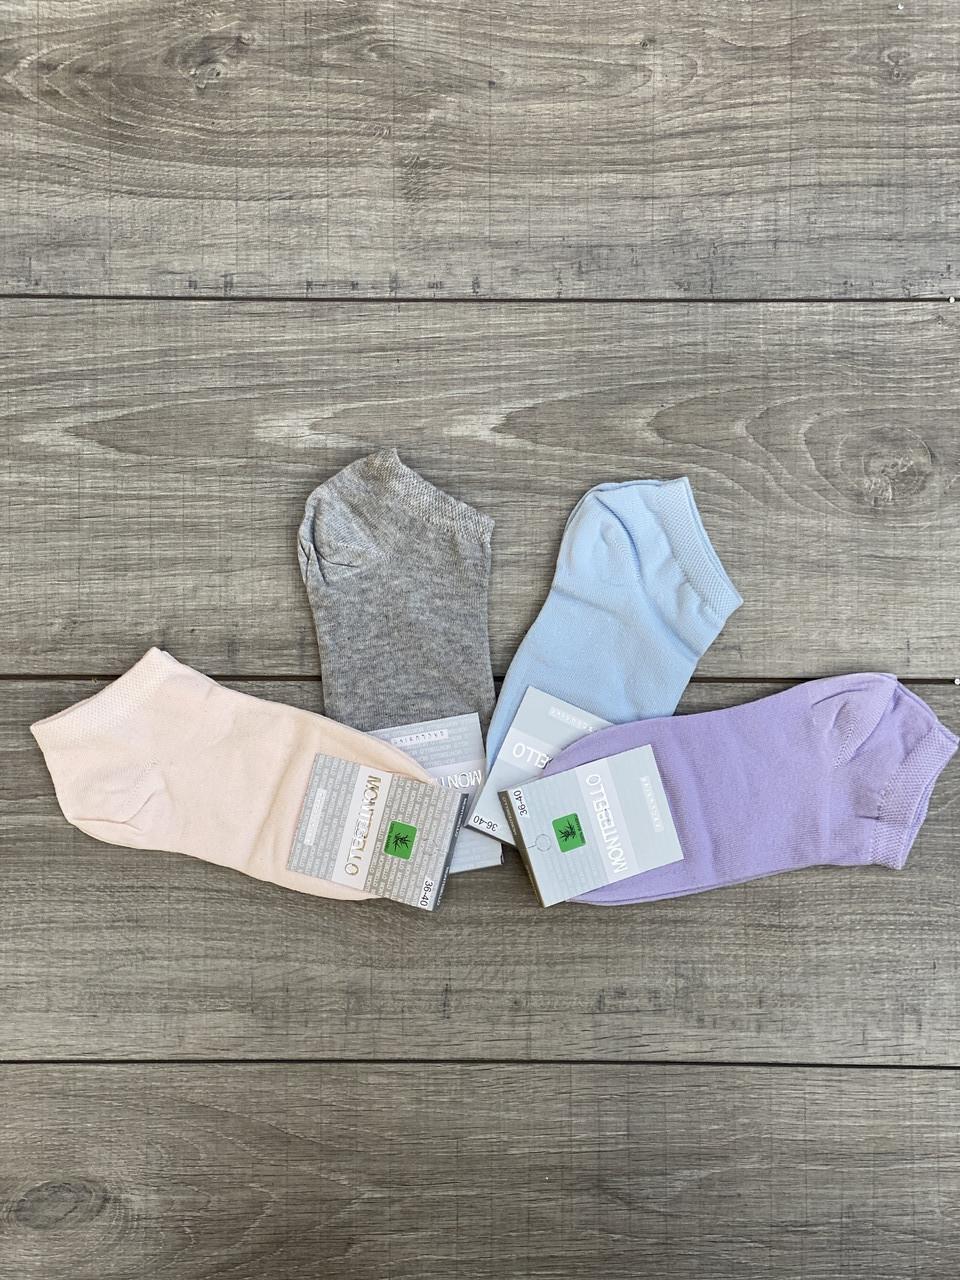 Жіночі шкарпетки короткі бавовна Montebello однотонні 35-40 12 шт в уп мікс 4 кольорів